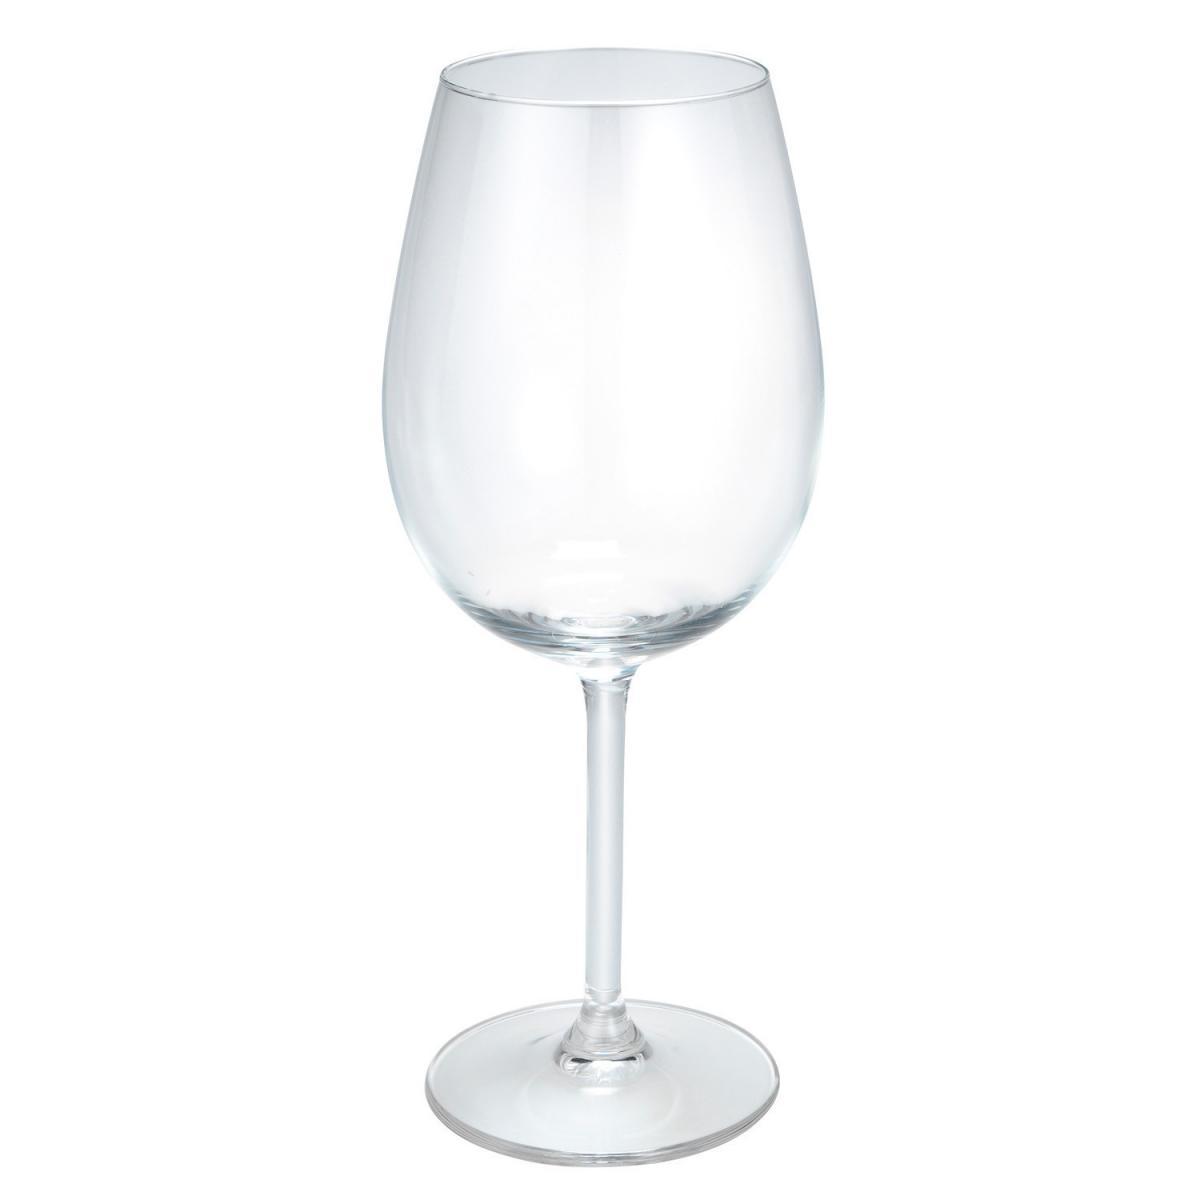 Acquista bicchieri da vino a prezzi economici pulsiva italia for Bicchieri birra prezzi